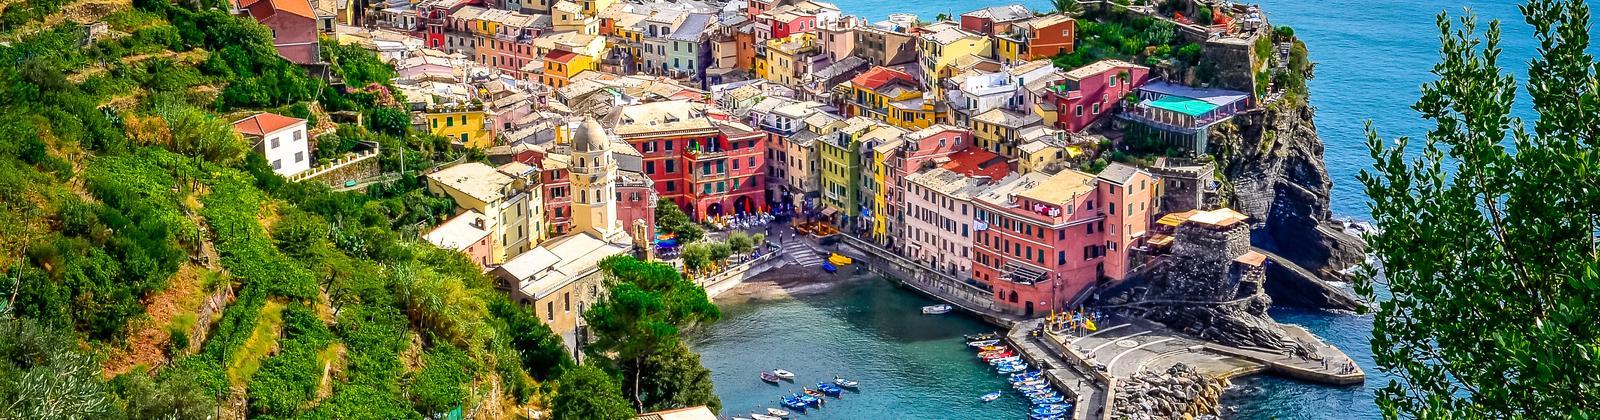 destinazioni in italia per un weekend romantico - Soggiorno Romantico Particolare 2